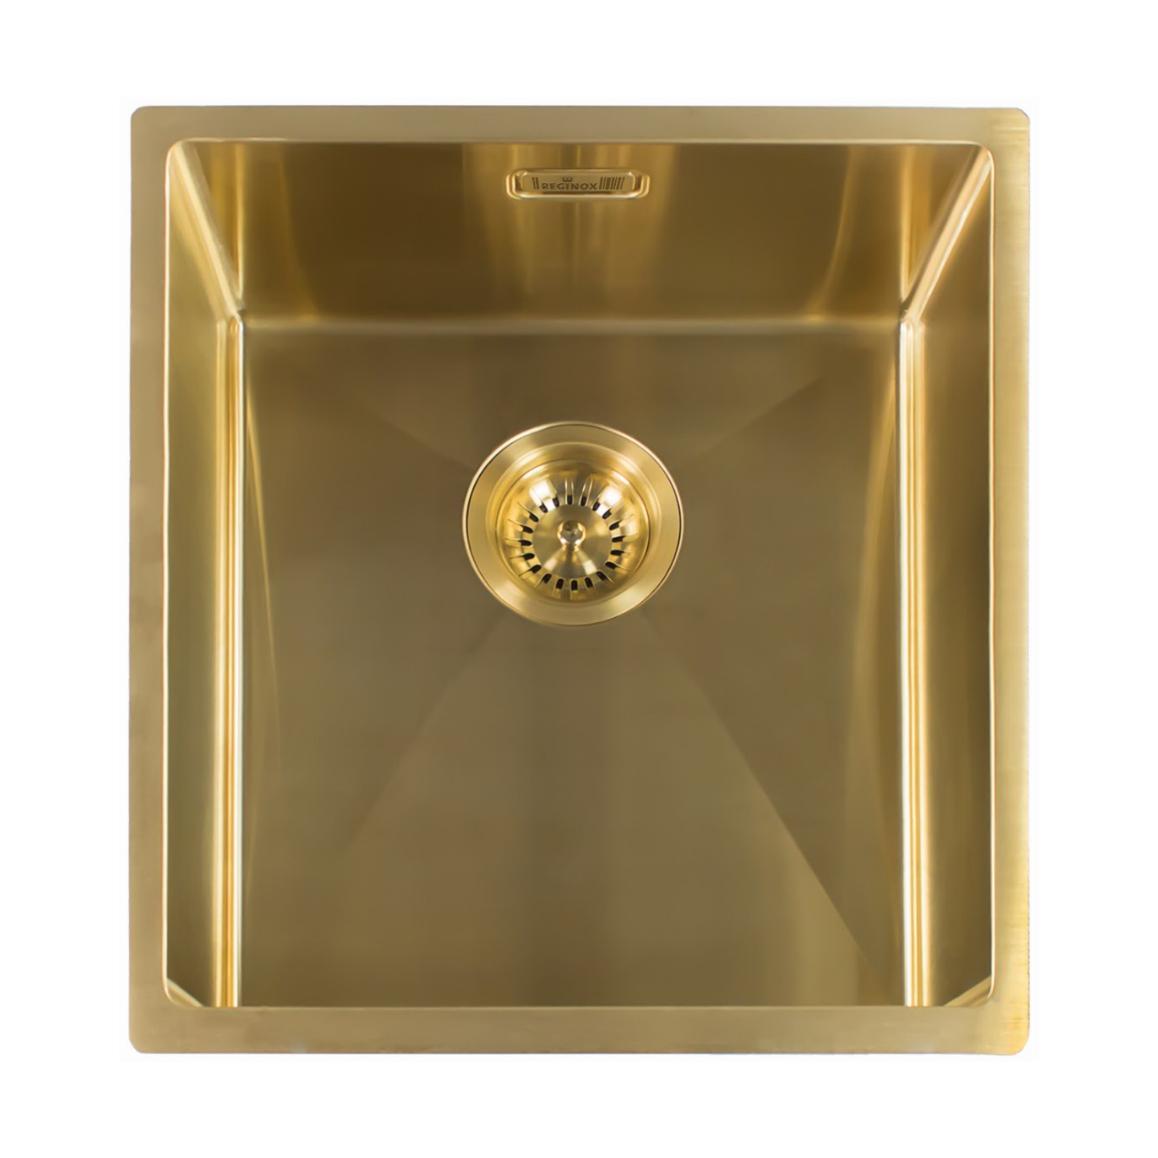 Reginox Miami 4040 OKG RVS spoelbak PVD Gold 40x40 L7682 R30714